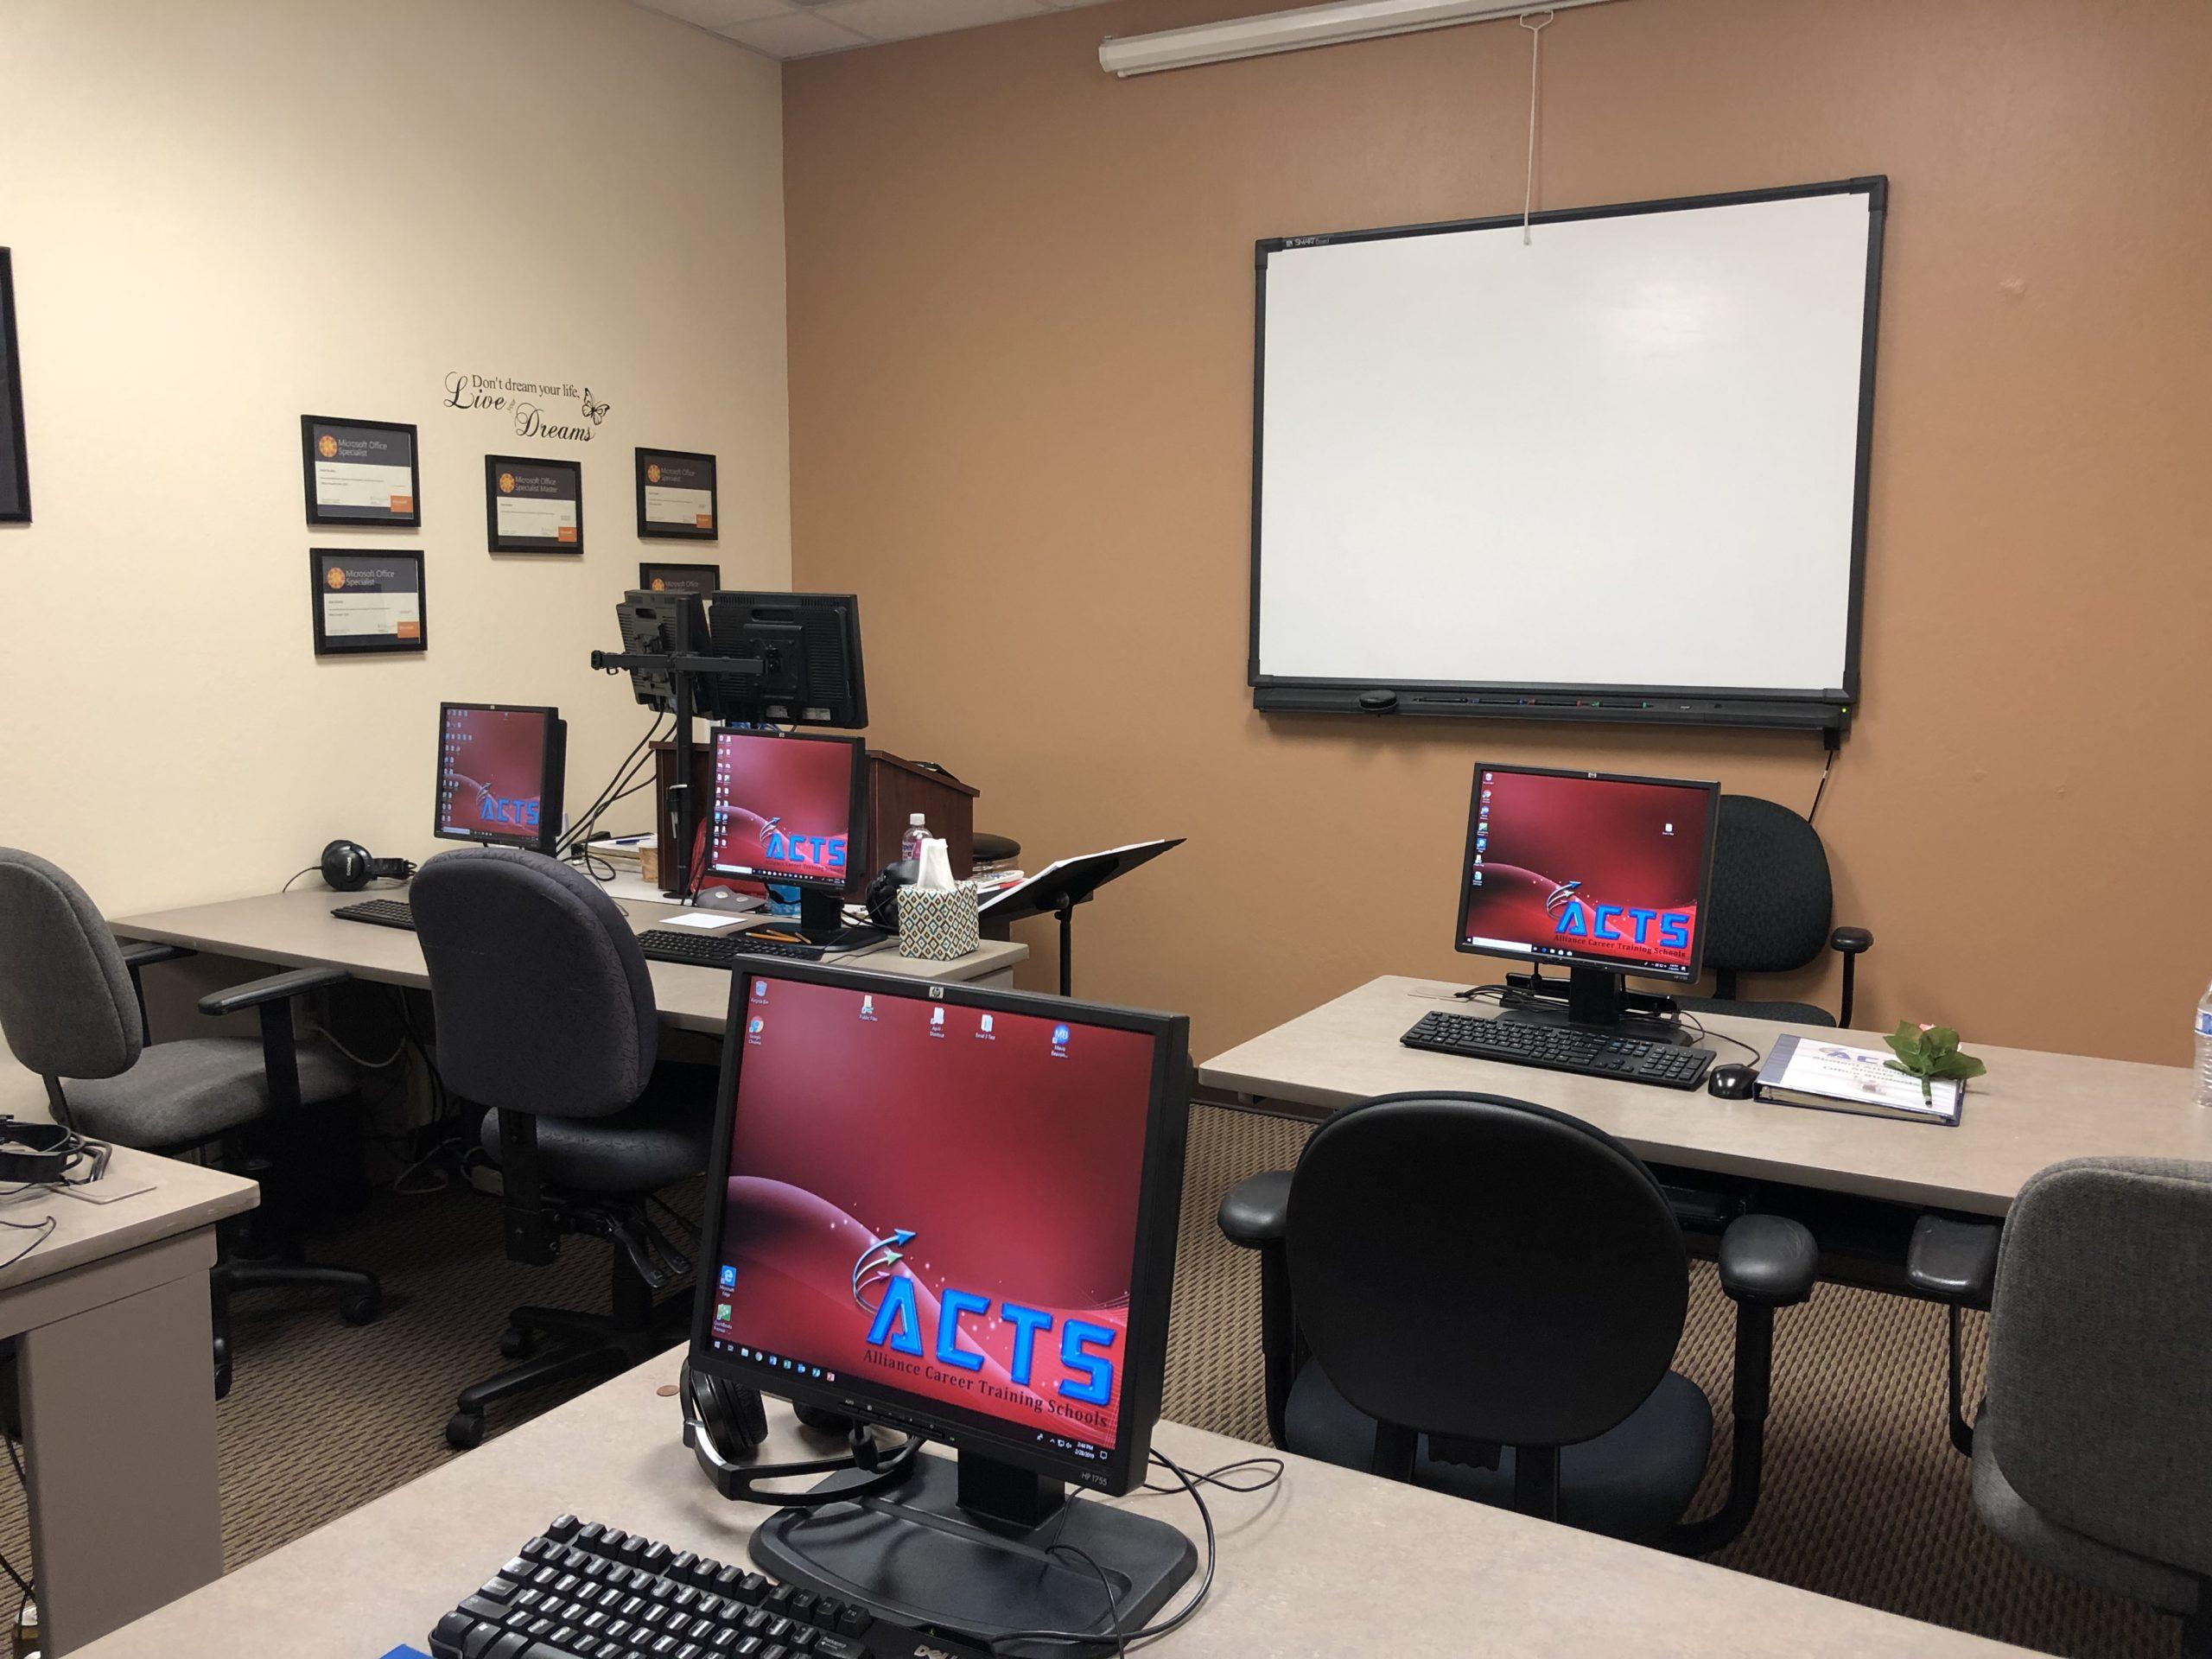 Room 102, Classroom Rentals – Room 102